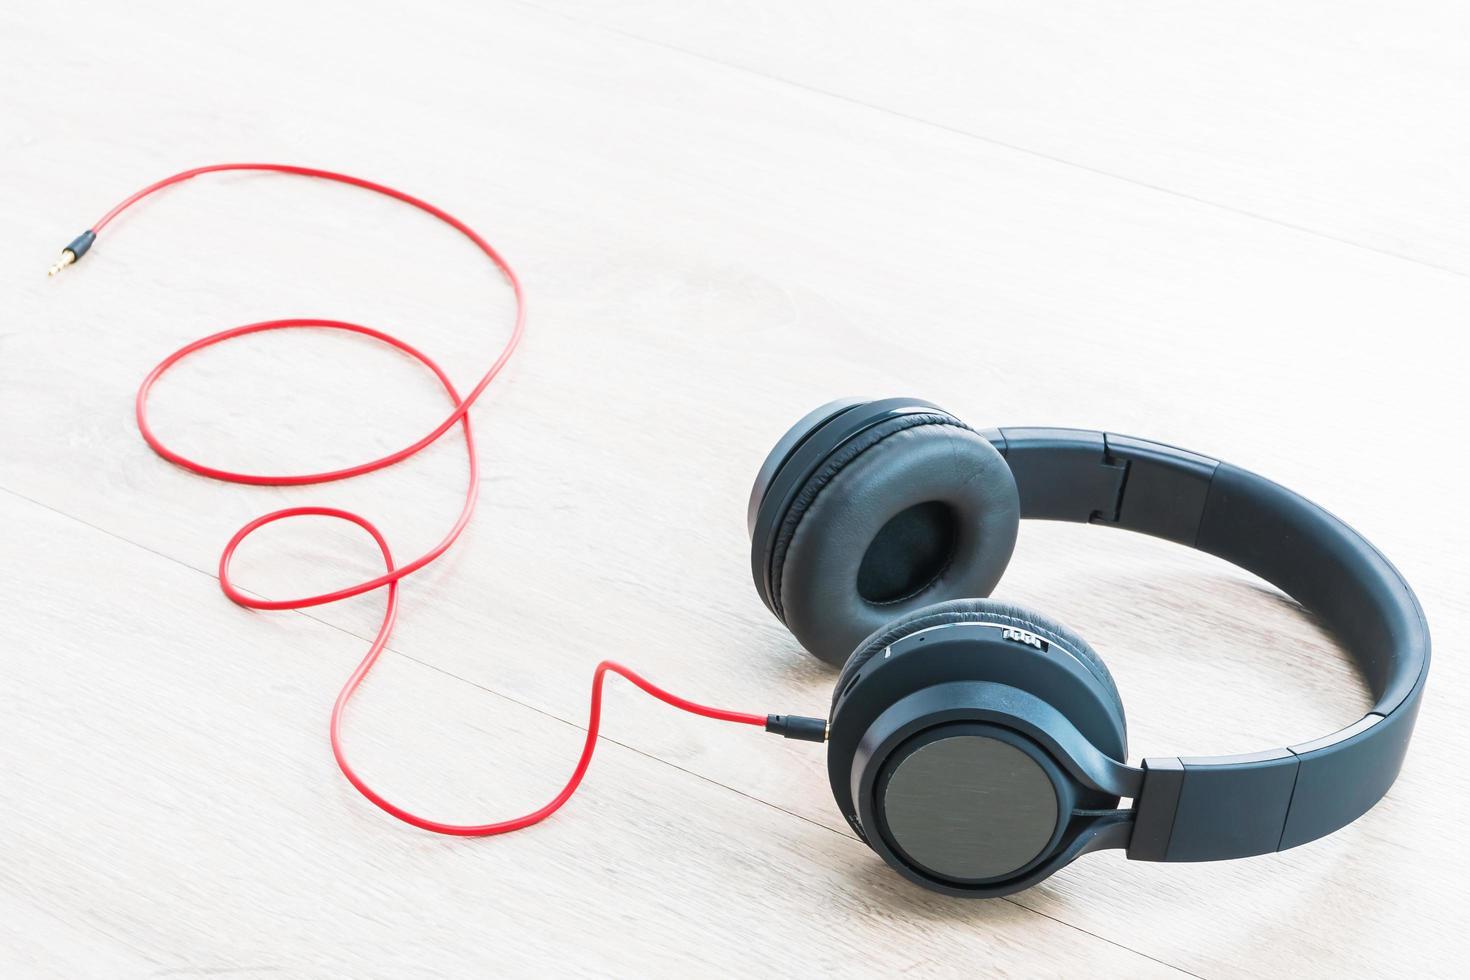 koptelefoonaudio om te luisteren foto